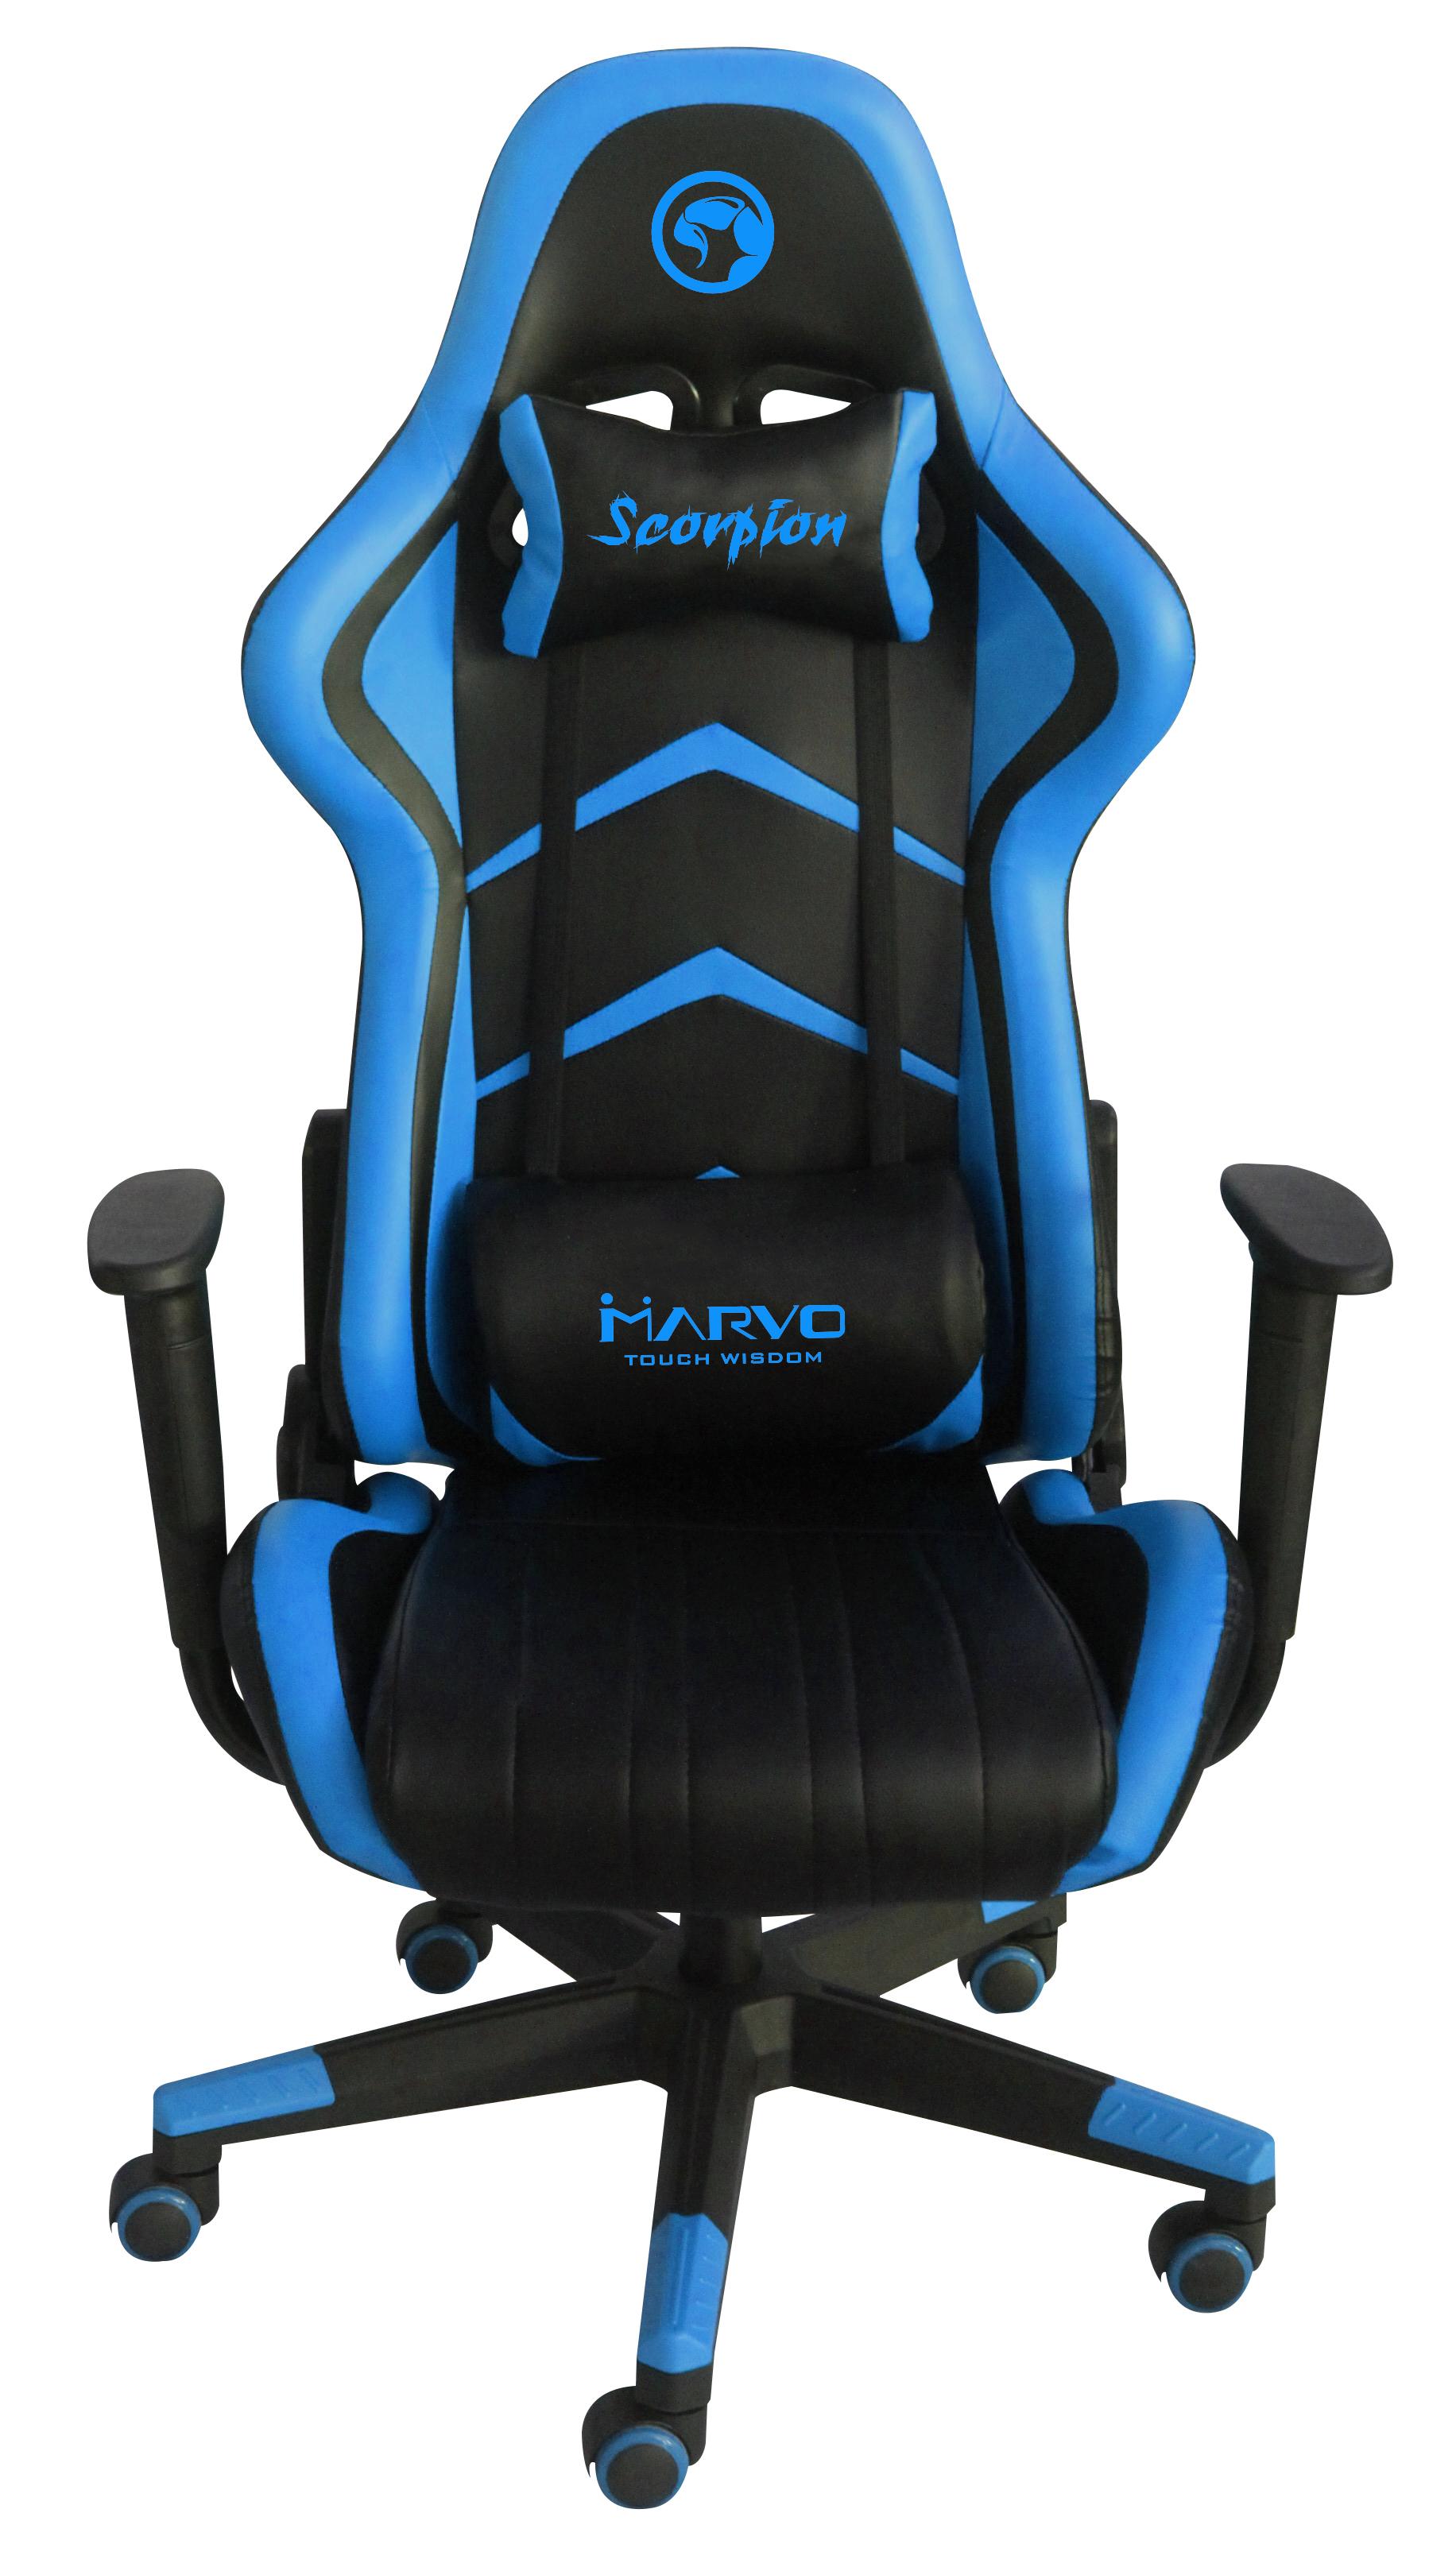 כיסא עור לגיימרים MARVO CH-106 צבע כחול